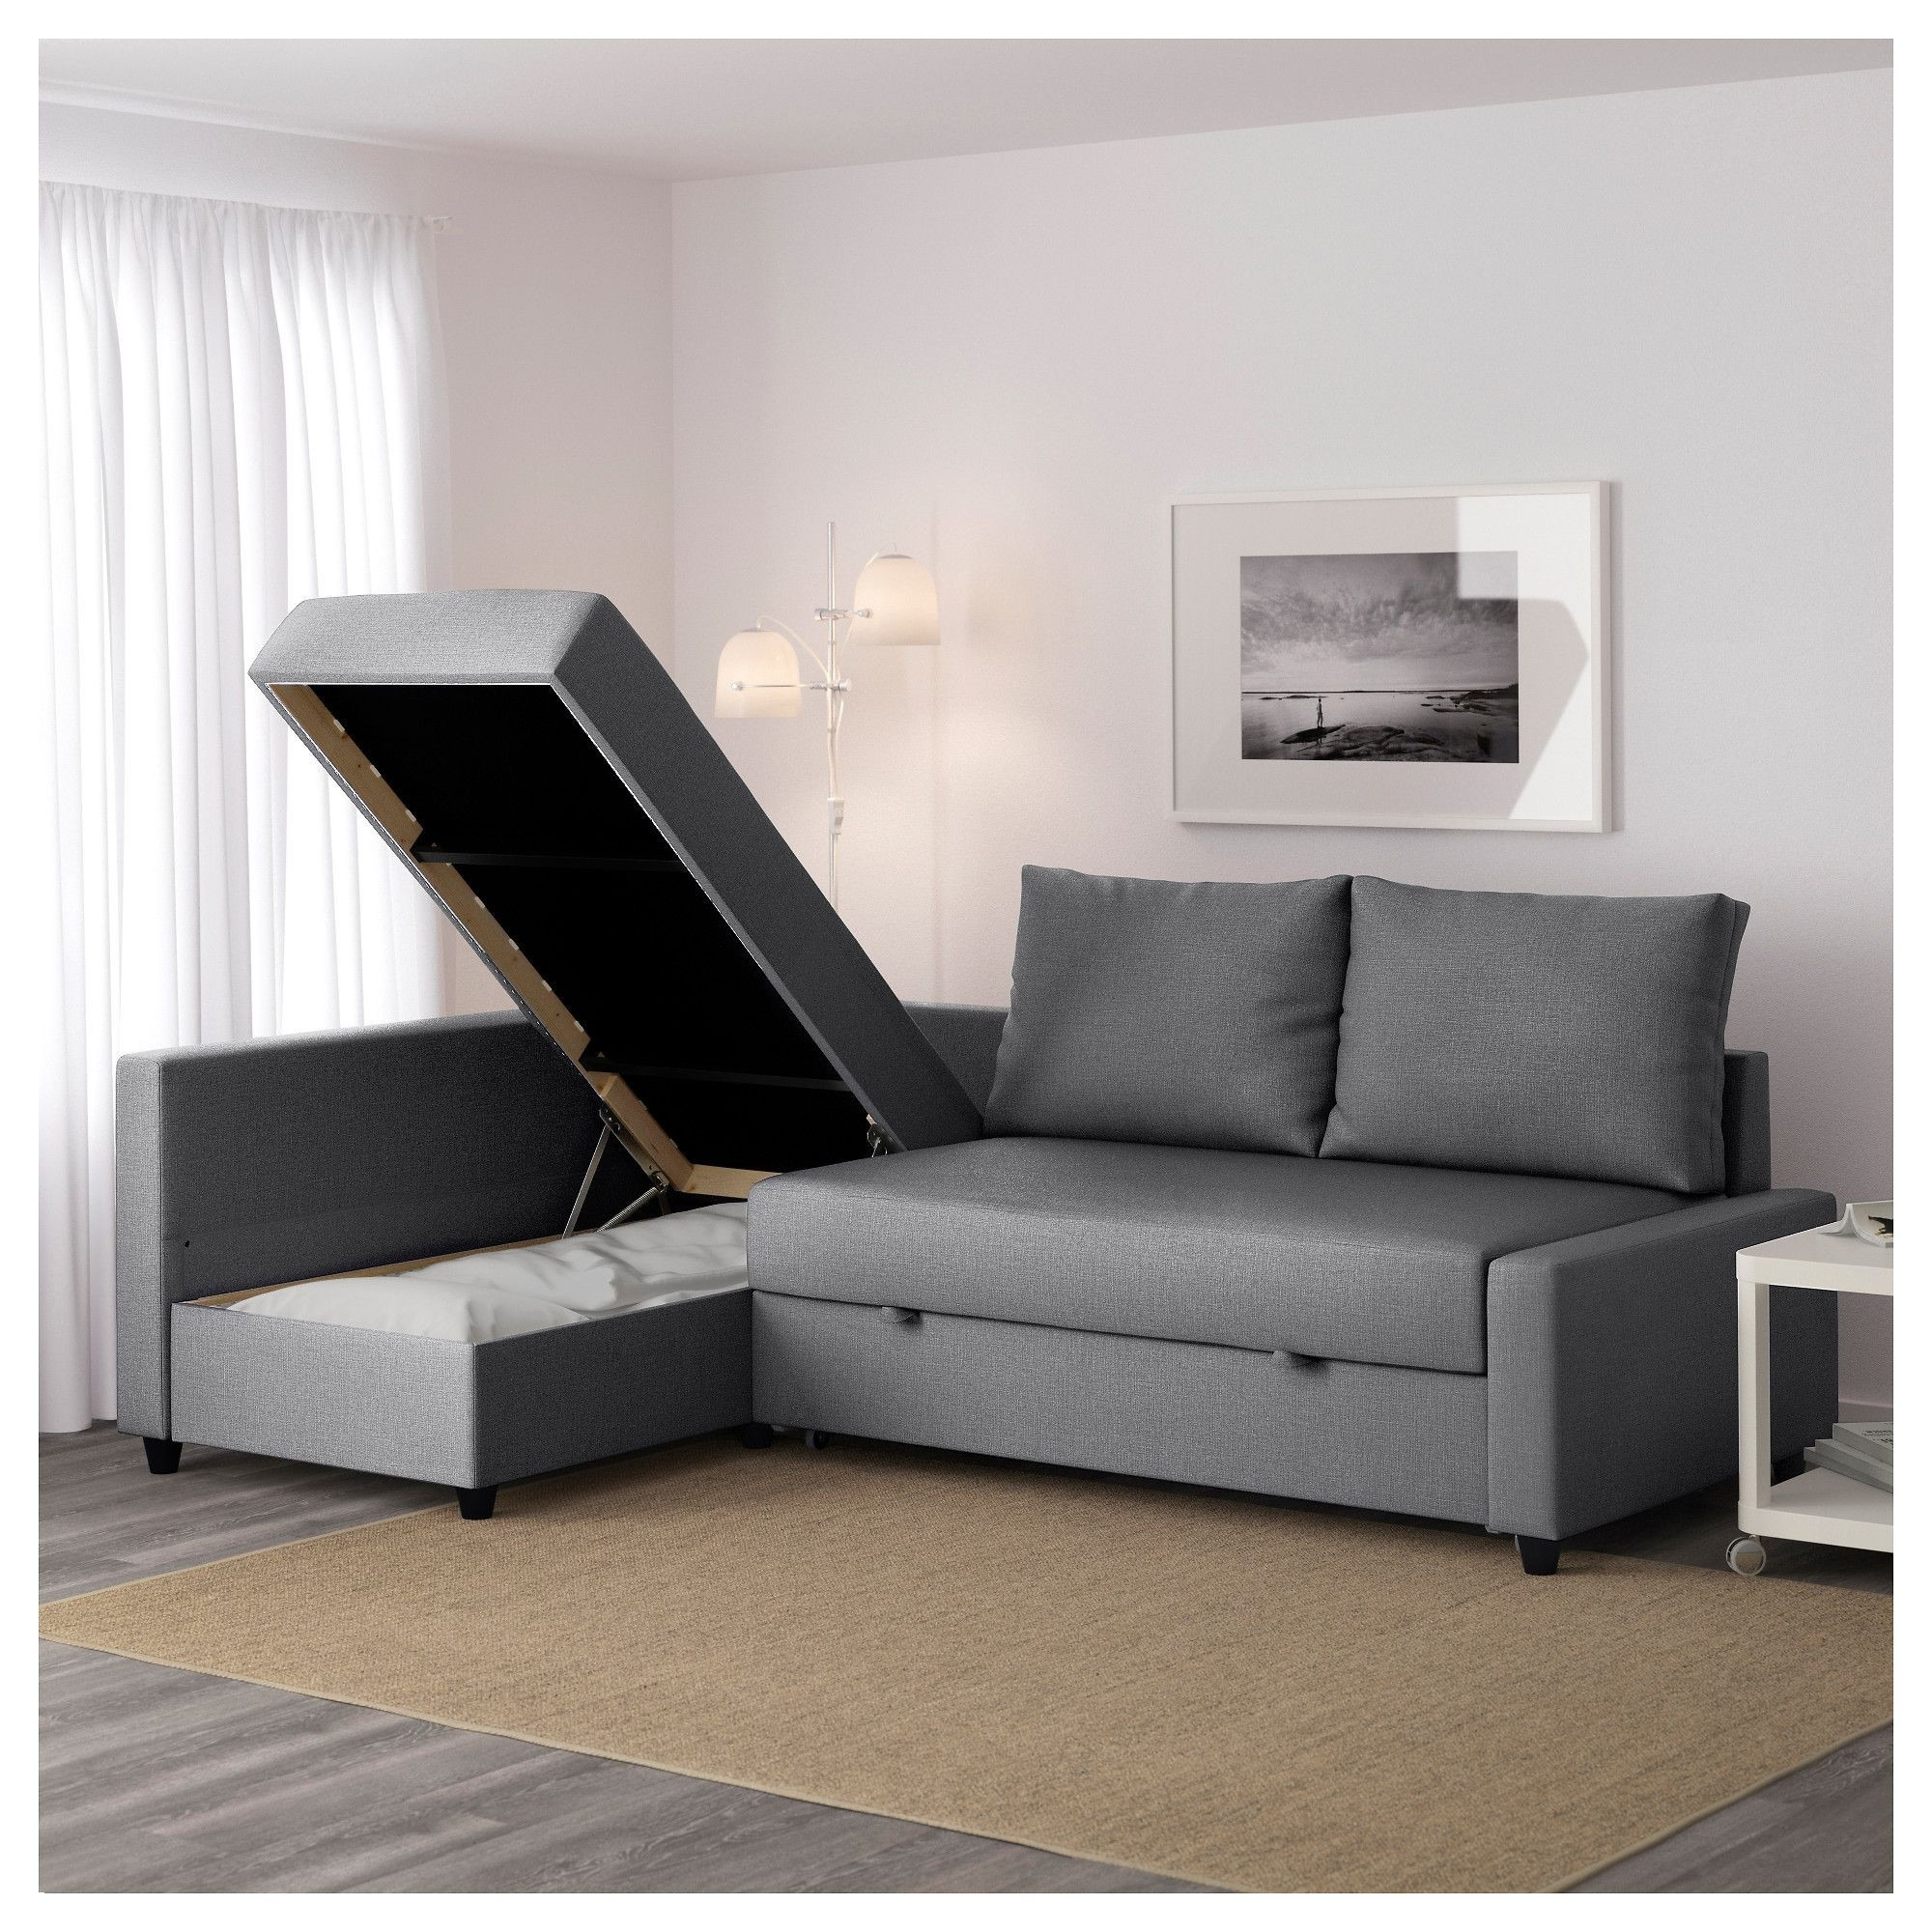 Friheten Ikea Avis Inspirant Photographie Best Friheten sofa Bed Review Unique Ikea sofa Bed